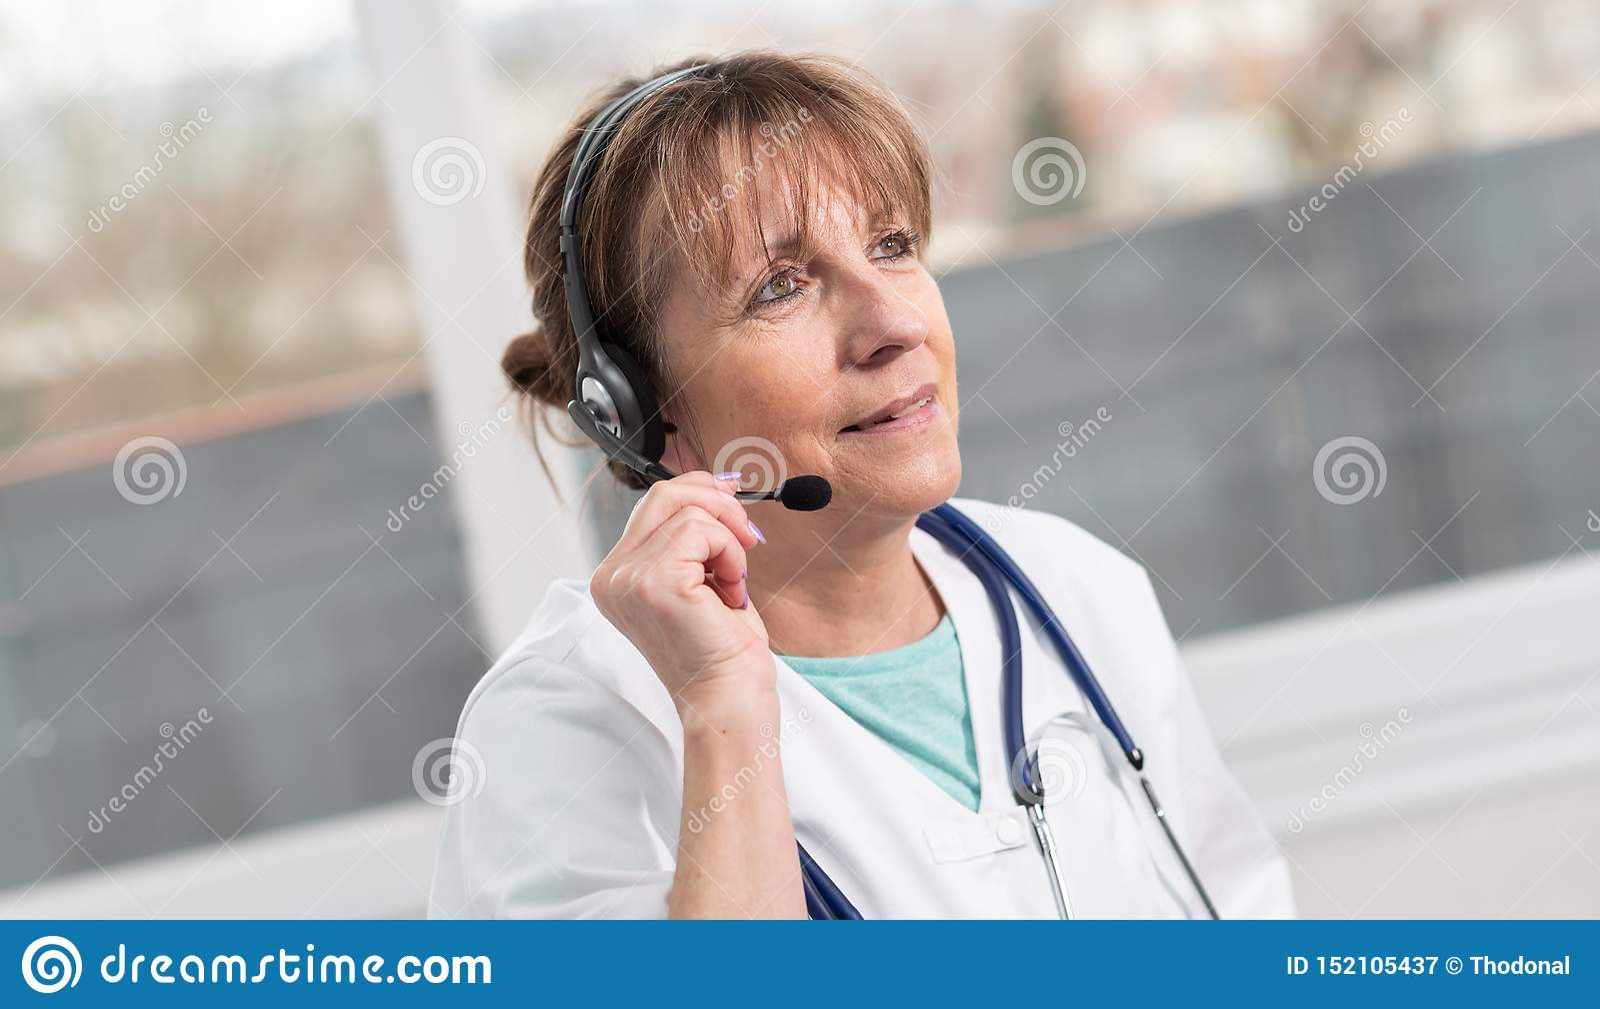 Ritratto di medico femminile durante la visita medica online